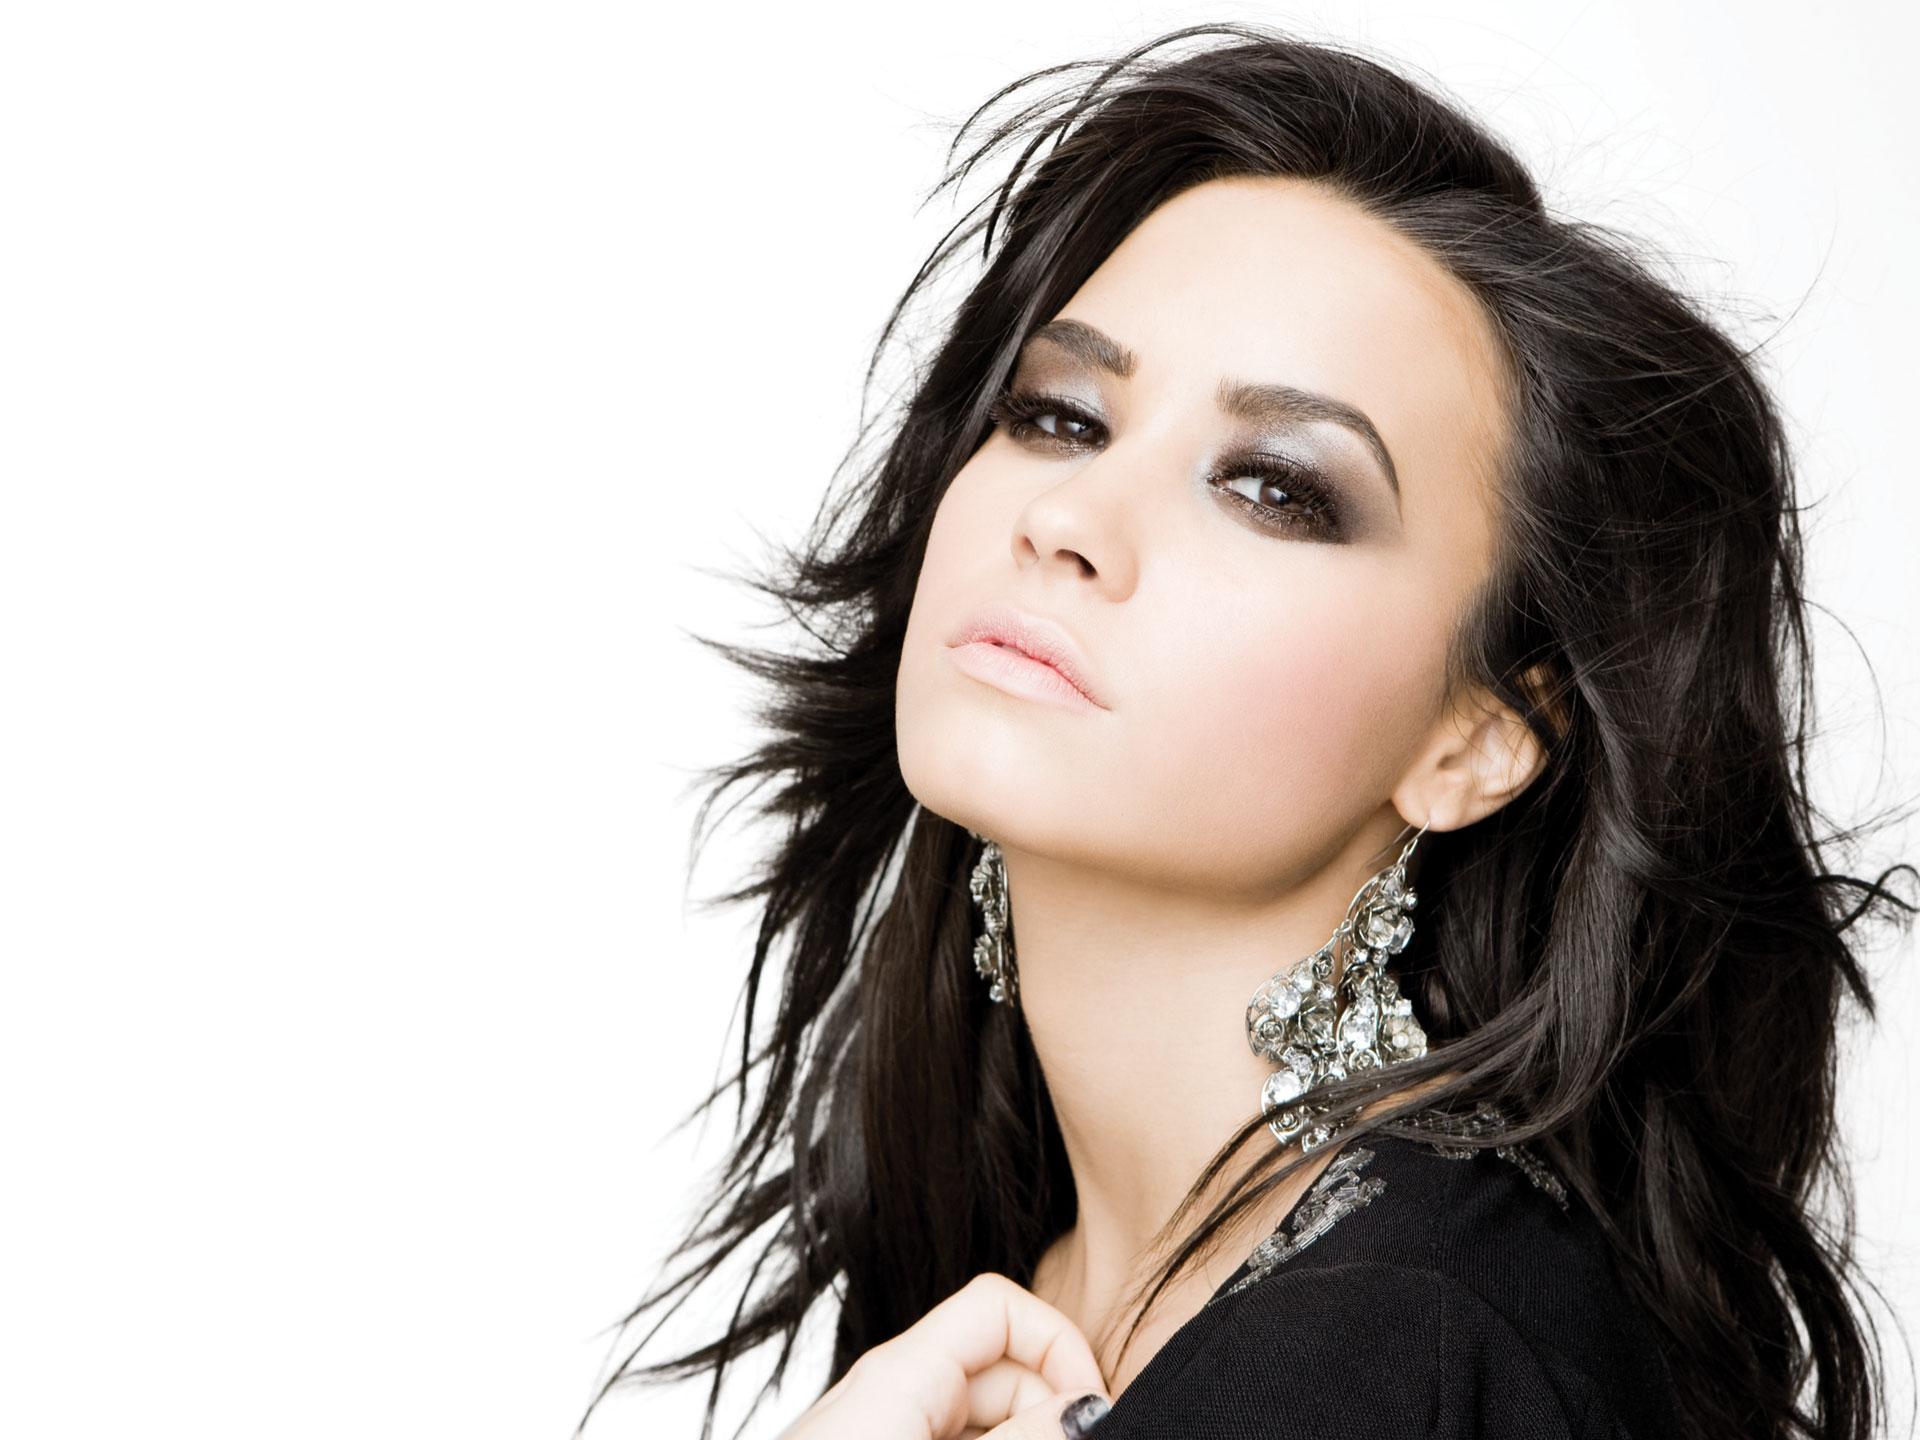 Demi Lovato - Demi Lovato